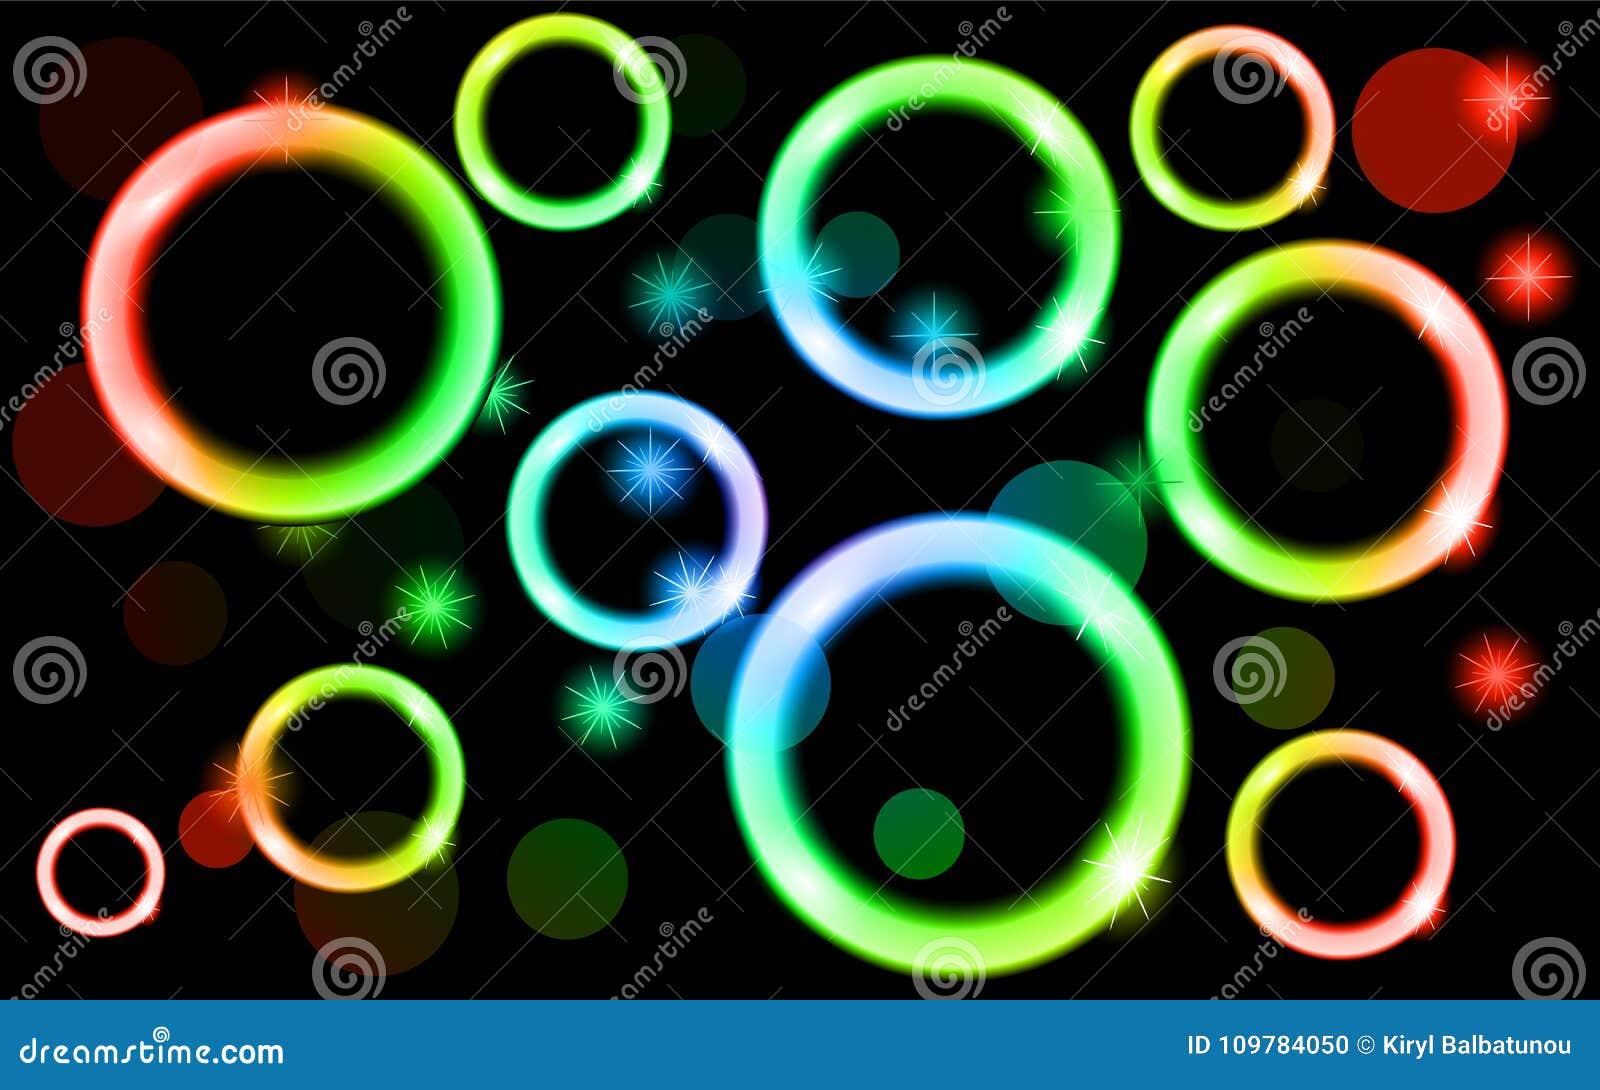 Abstrakt jarzy się okręgi, stubarwny, neonowy, błyszczący, jaskrawy, piłki, bąble, lekcy punkty z gwiazdami na czarnym tle